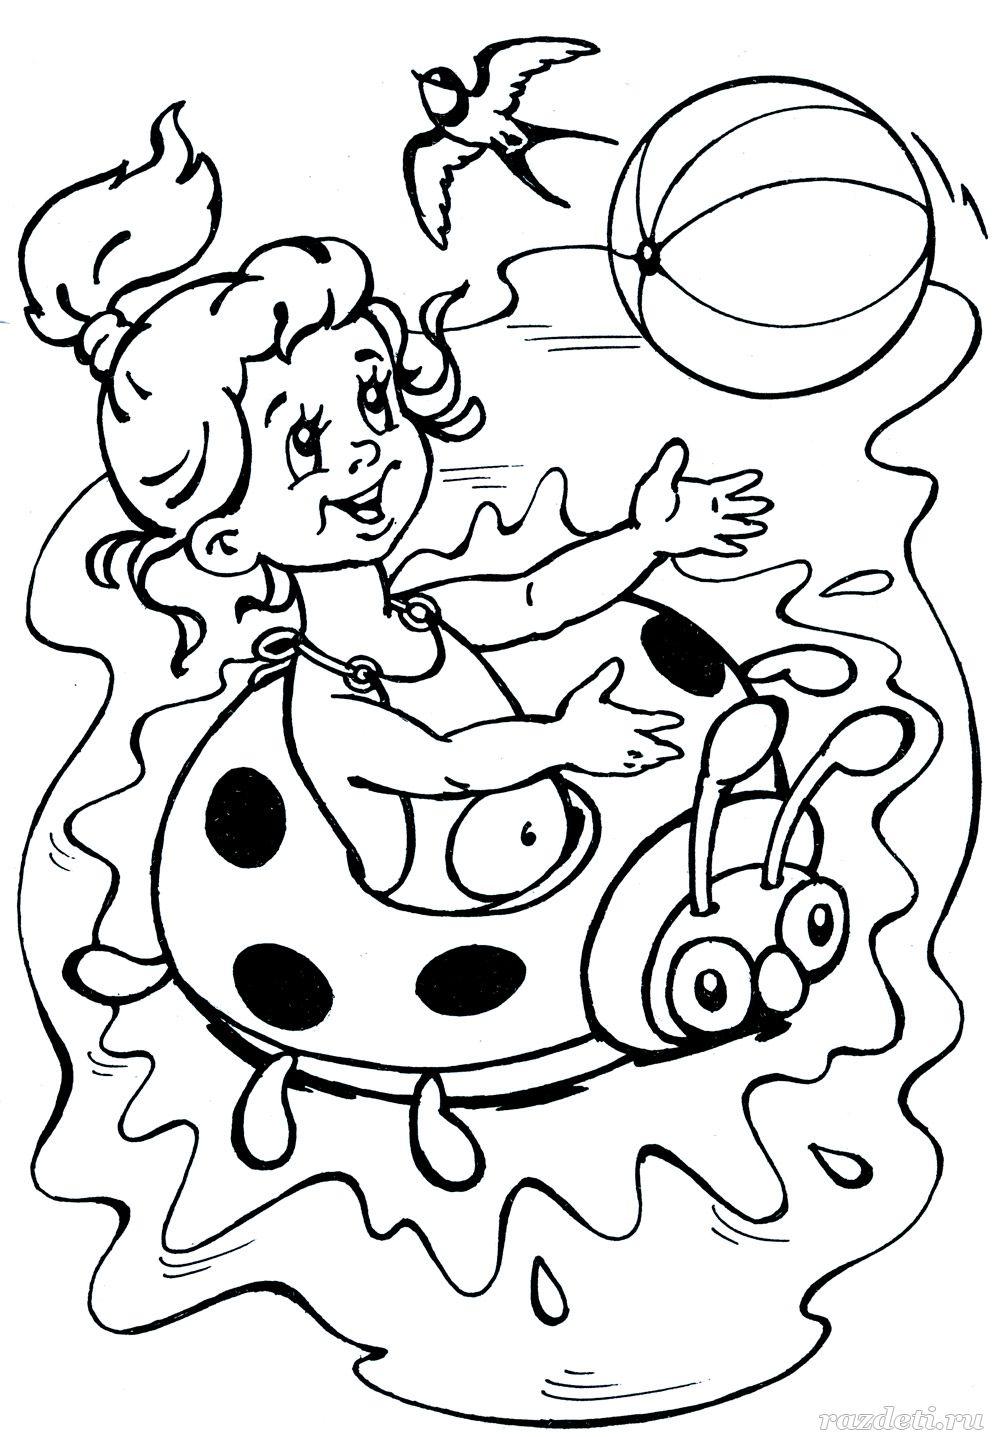 Раскраски для детей Лето